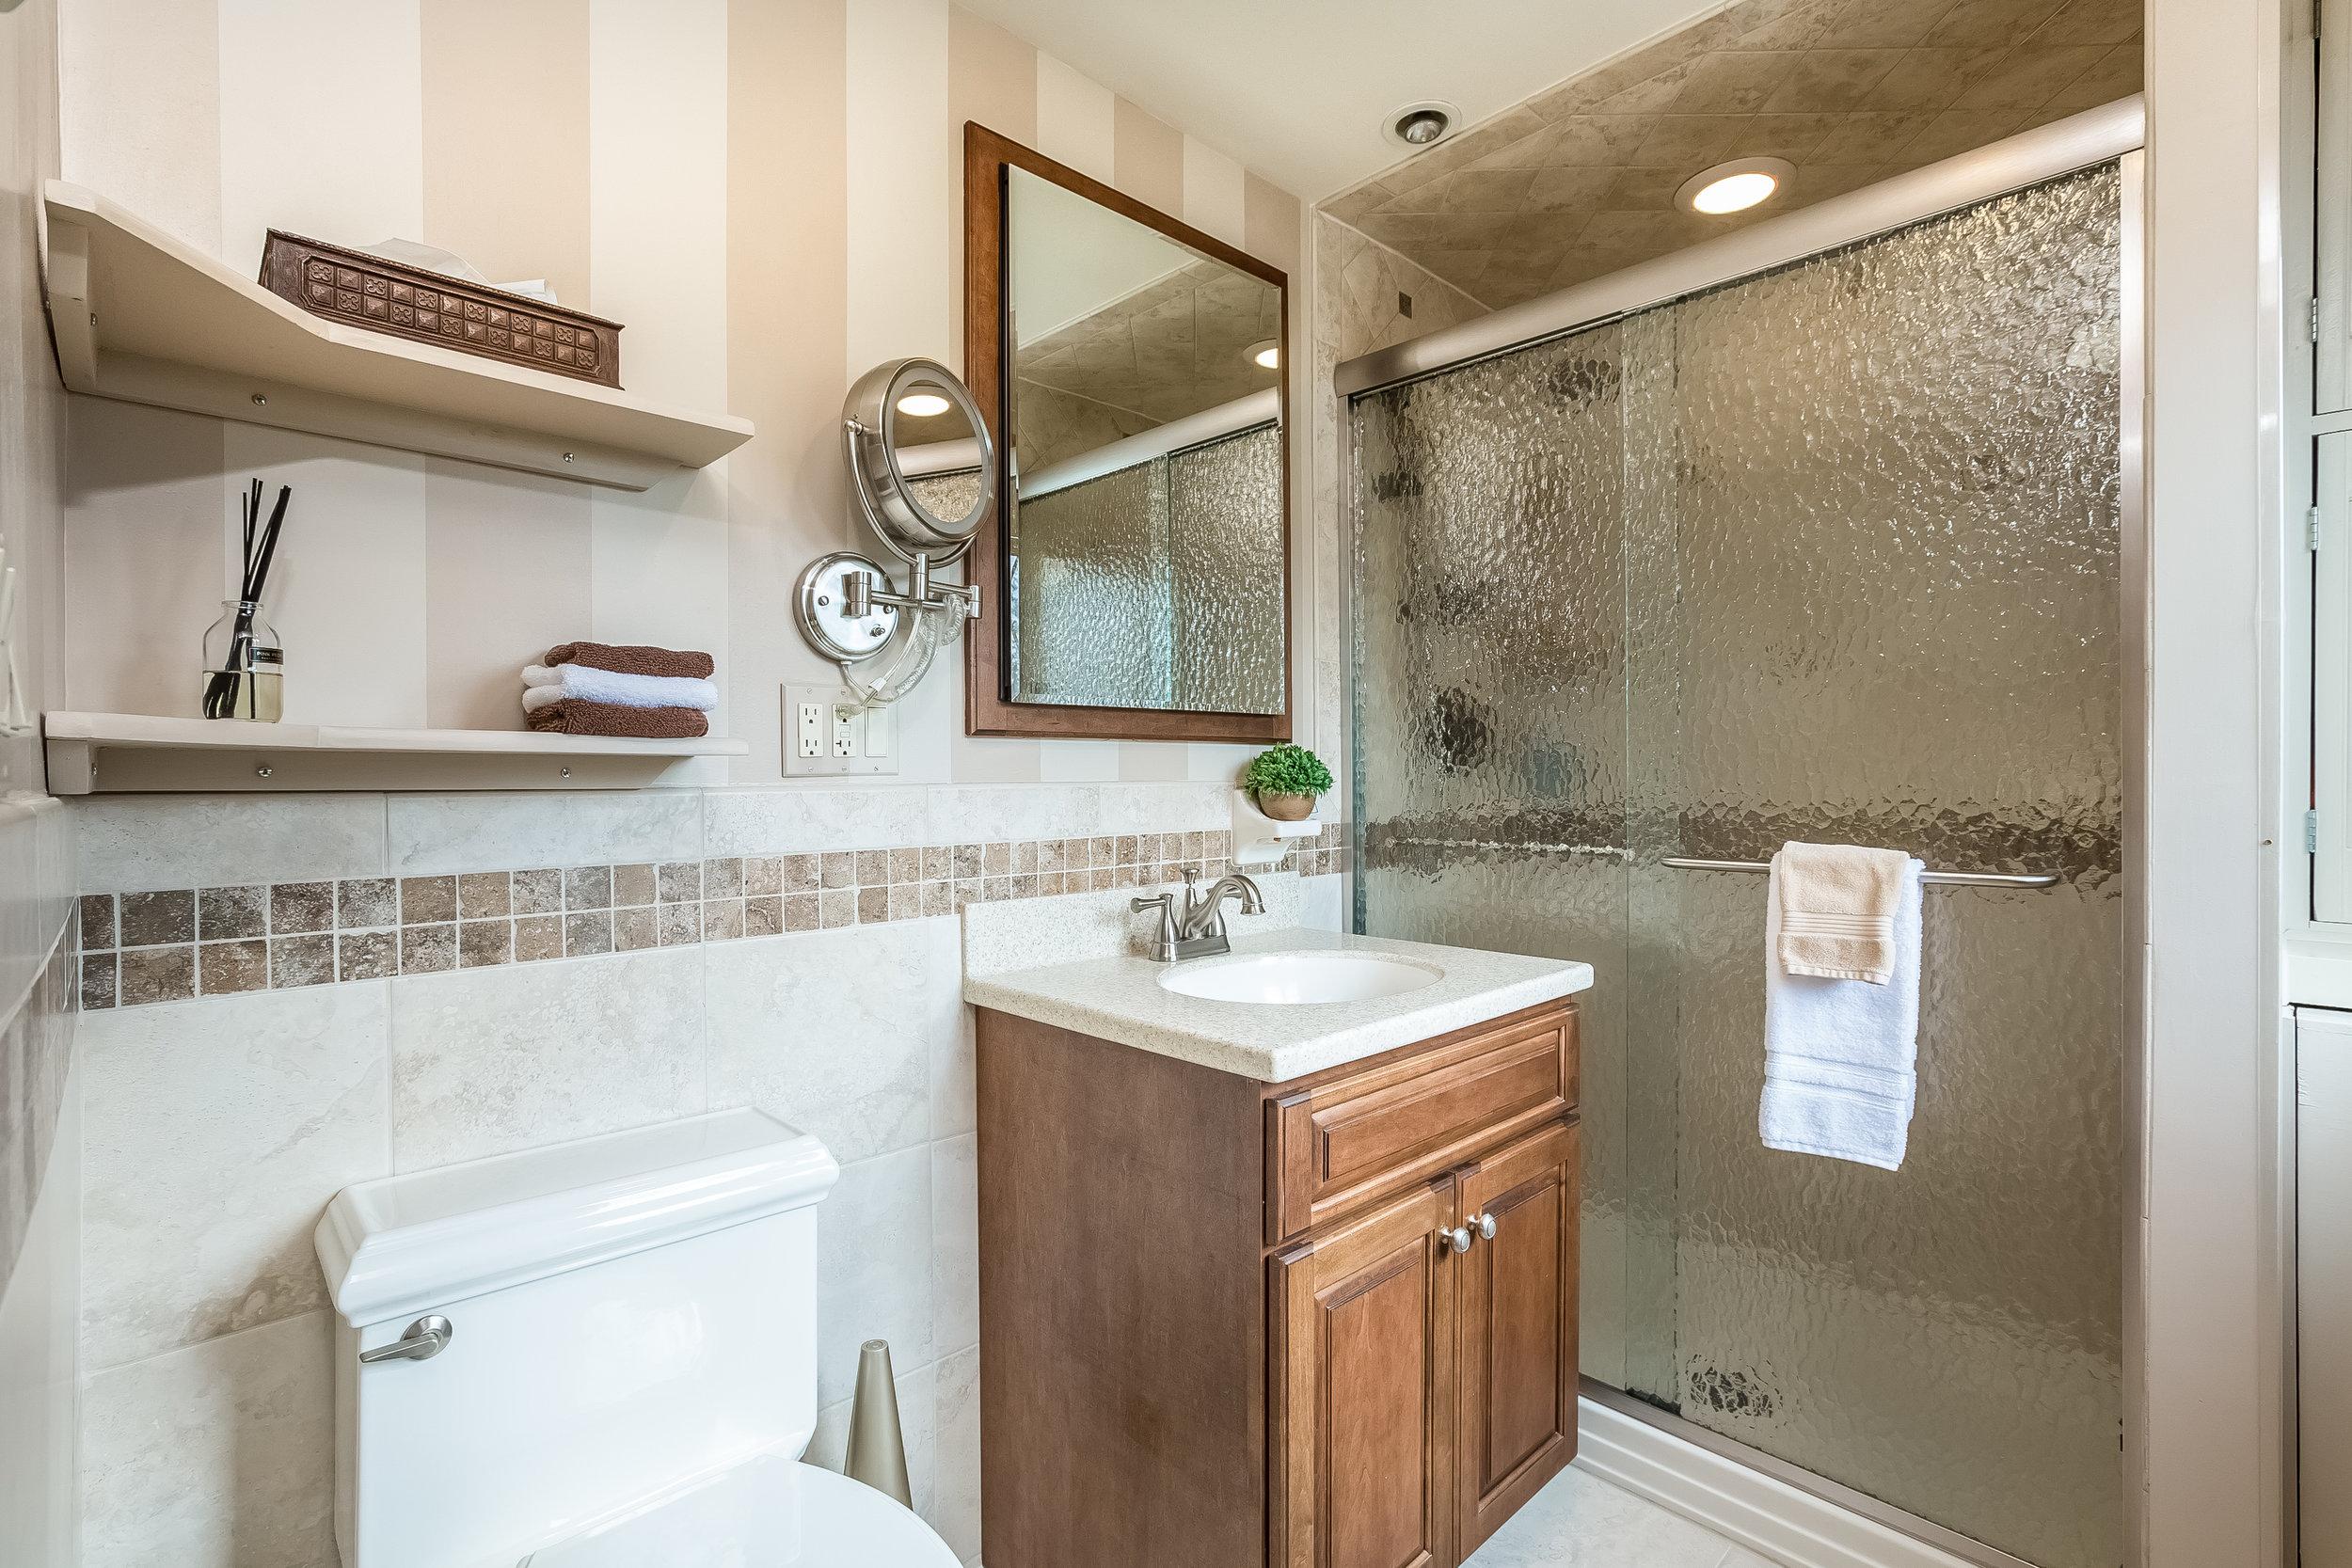 042-Master_Bathroom-4932686-large.jpg